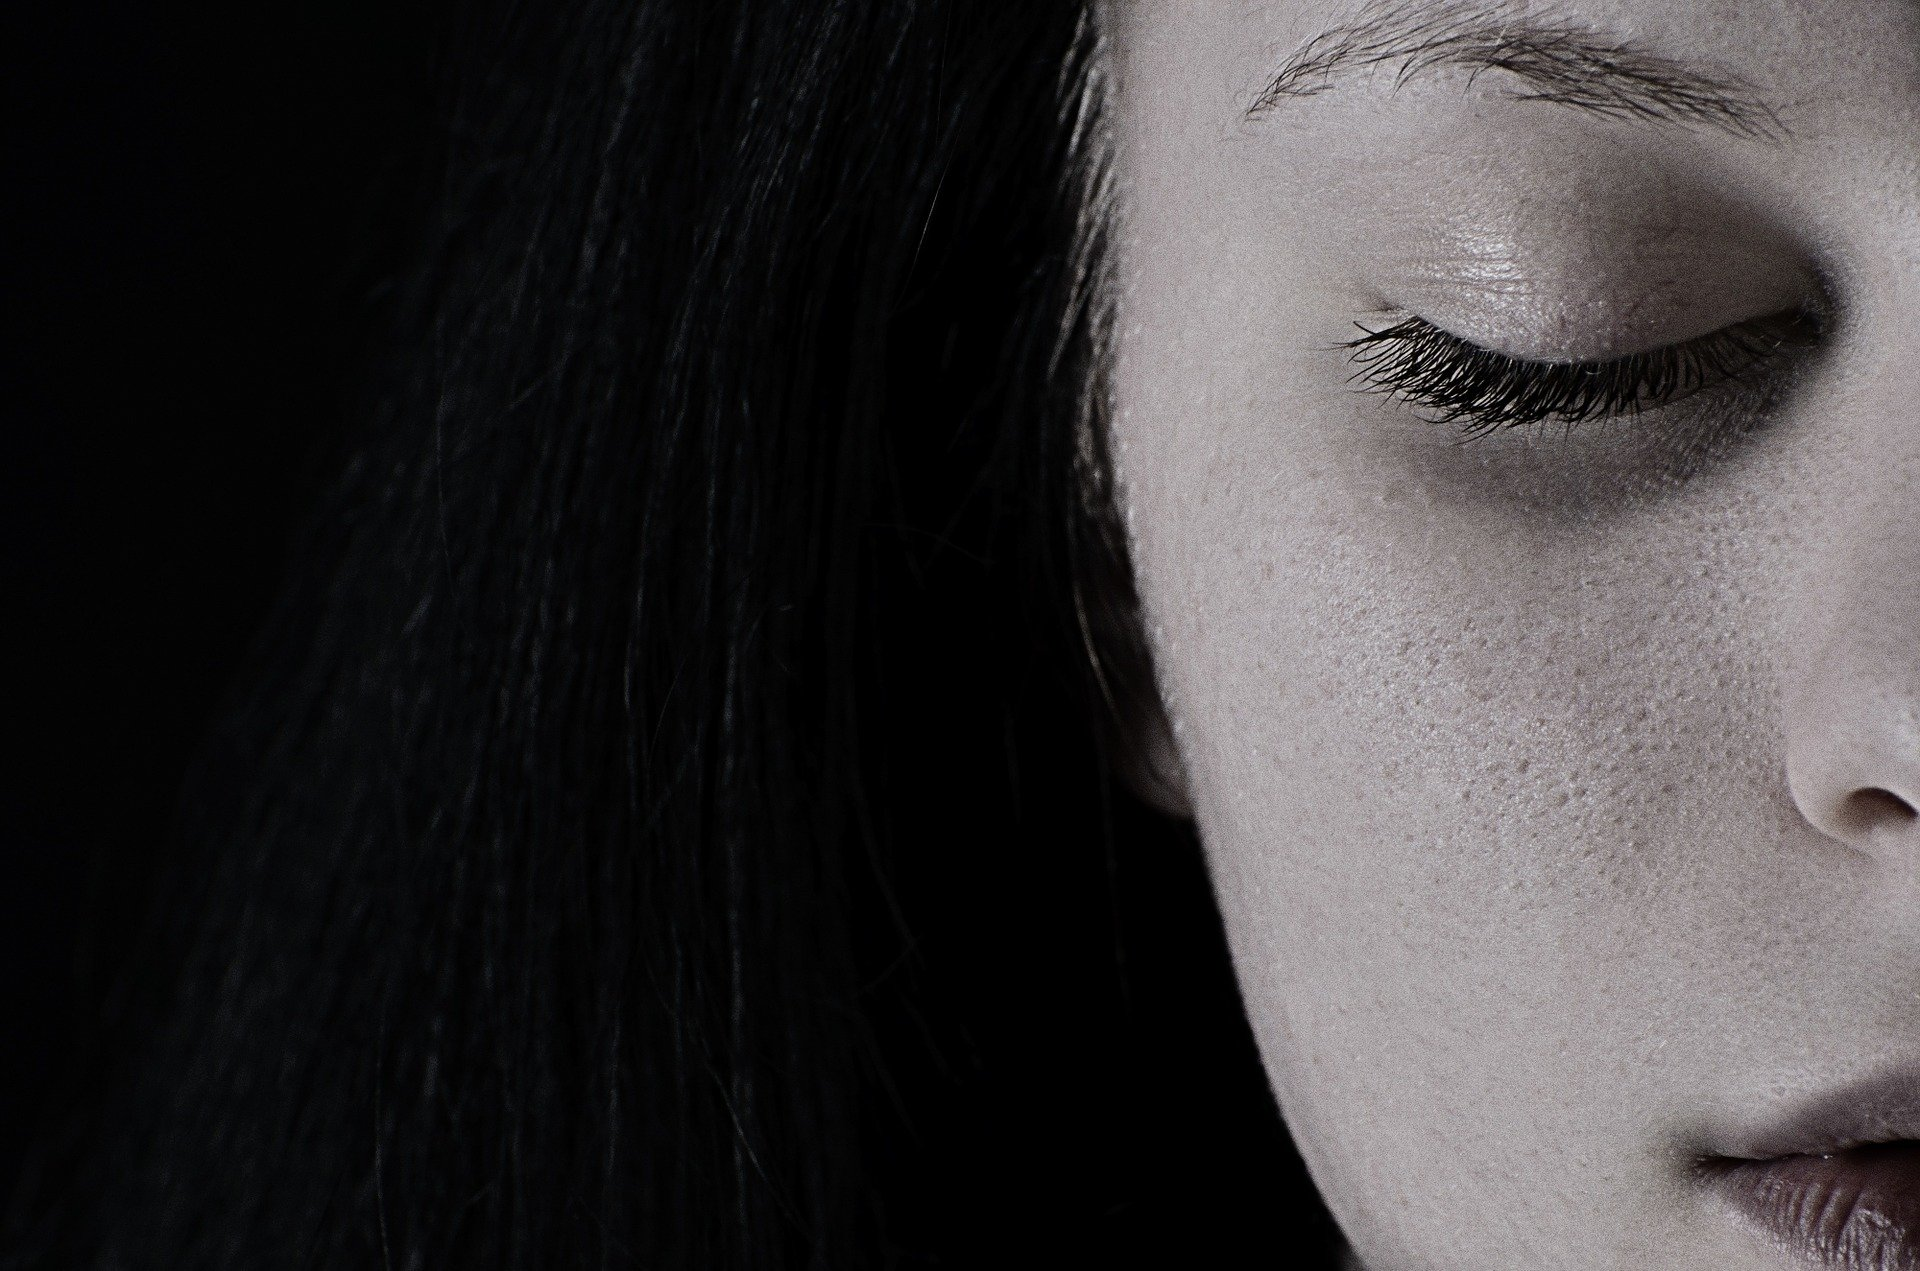 Los síntomas de la distimia son más leves y más duraderos que los de la depresión mayor